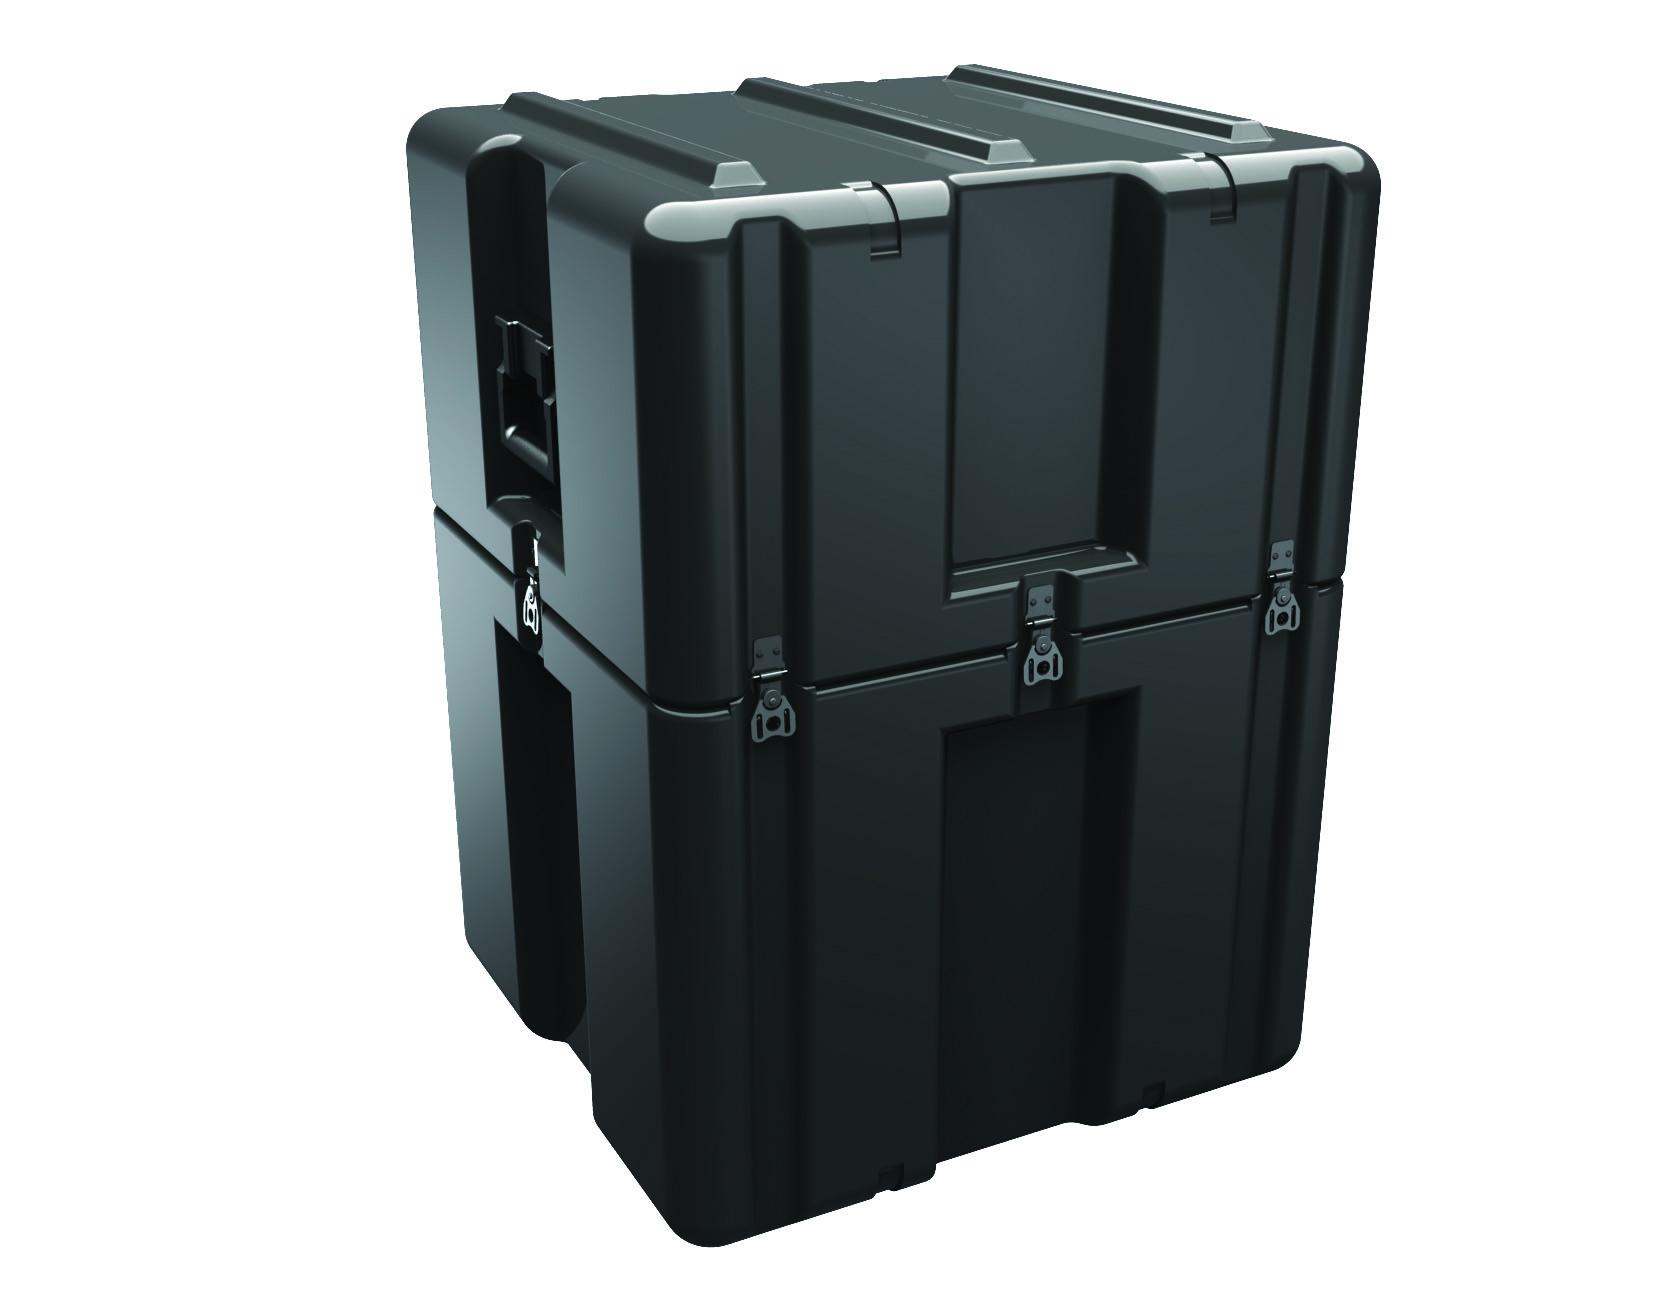 AL2221-1814 - AL2221-1814 Pelican Hardigg Shipping Storage Cases